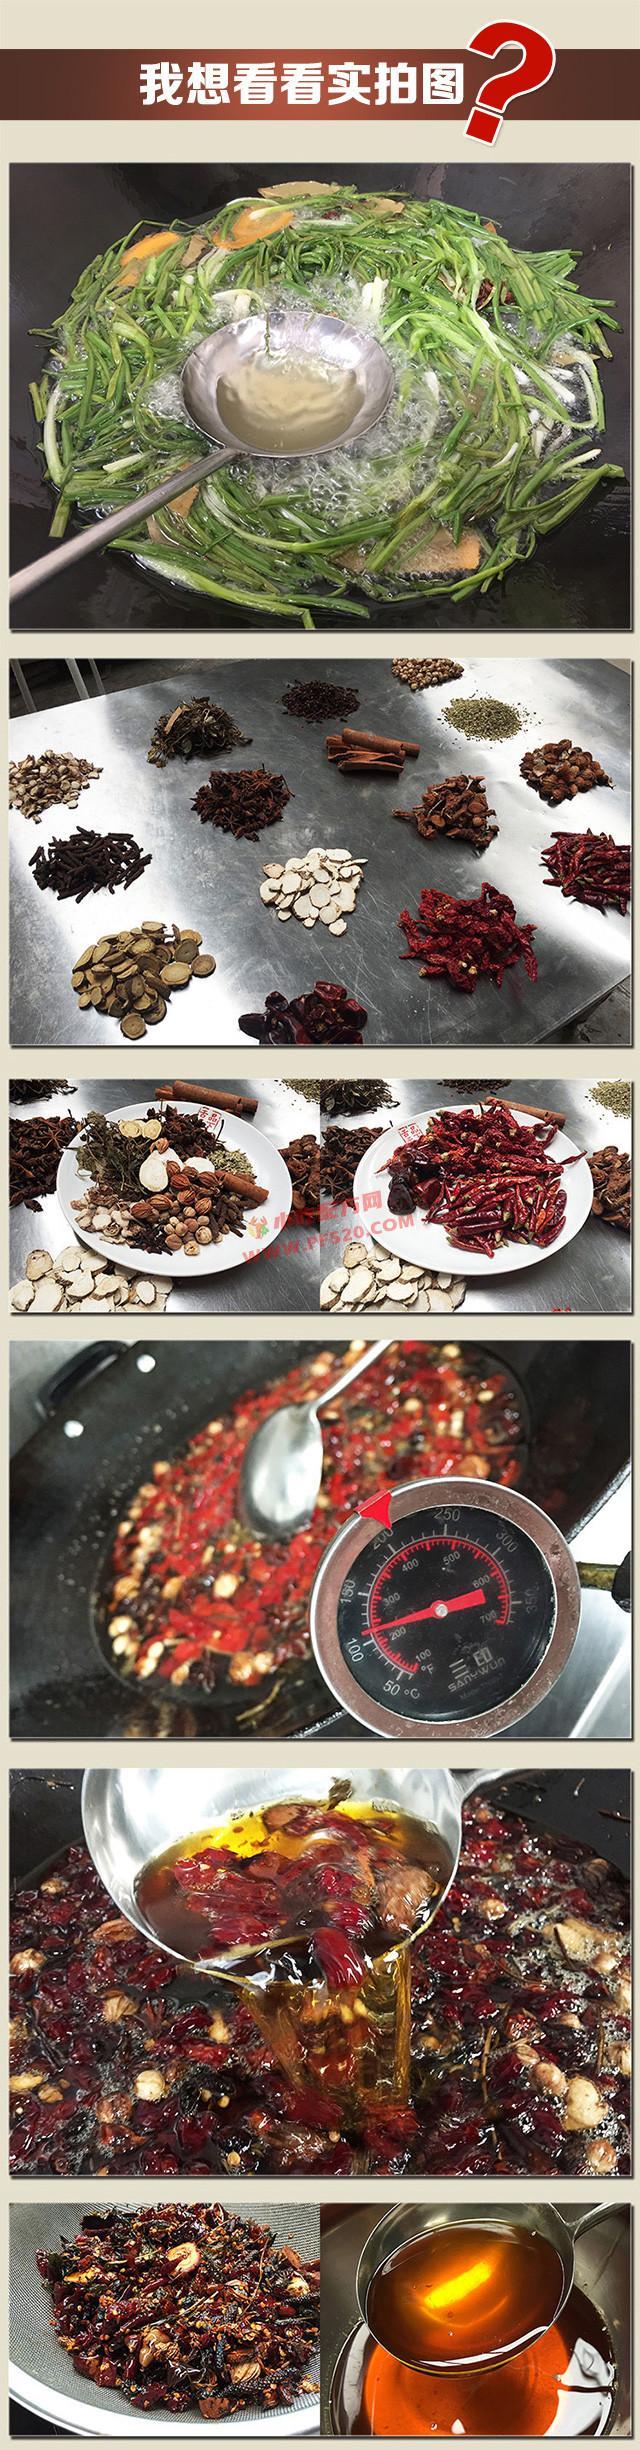 肉蟹煲的做法大全和配方配料,正宗技术培训教程教学视频 肉蟹煲 第2张